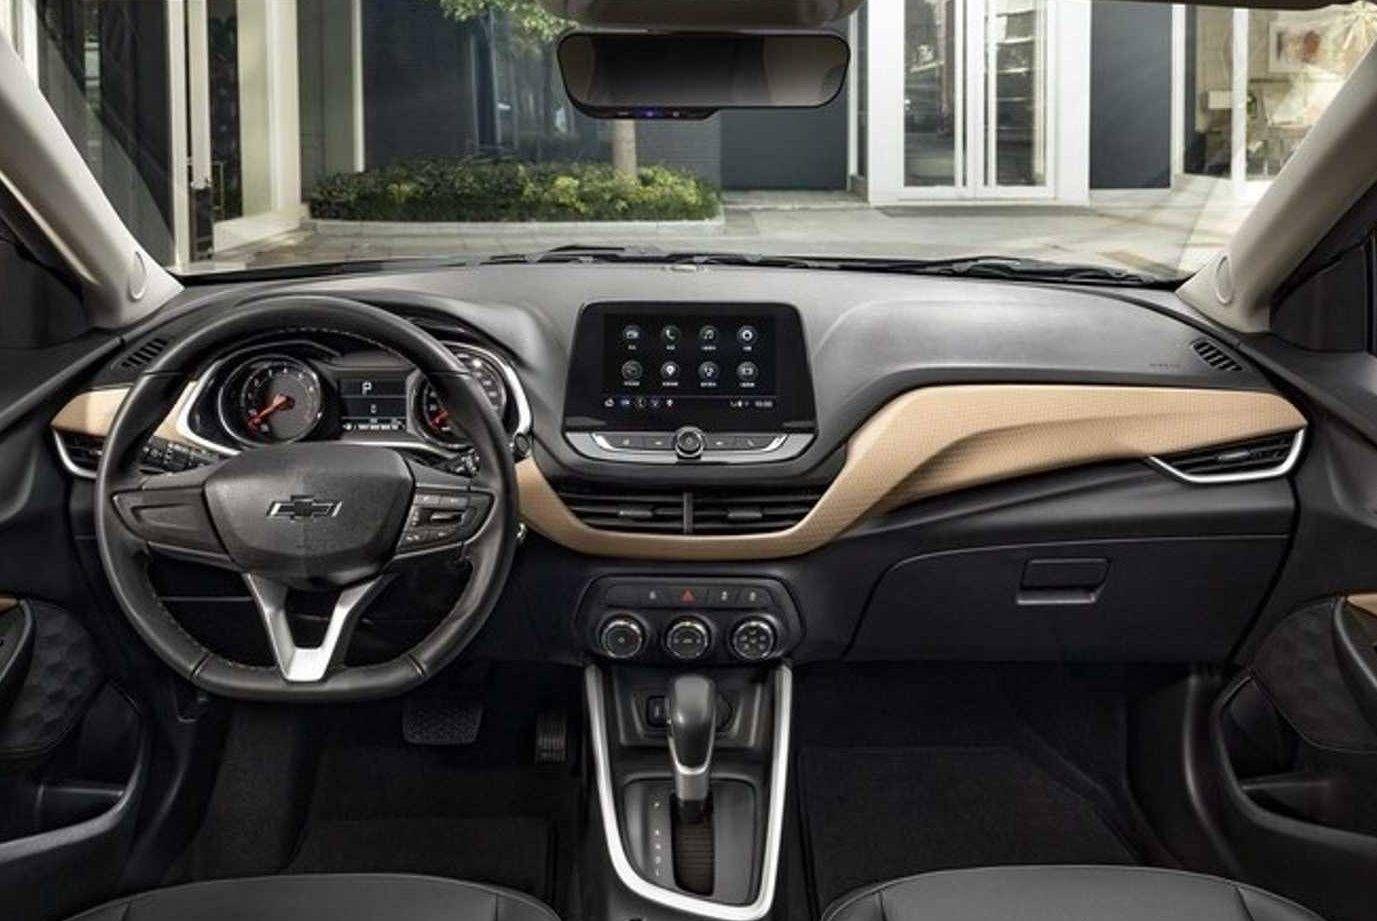 Chevrolet Onix Sedan Tudo Que Vimos Bem De Perto No Sucessor Do Prisma Rodas De Aluminio Rodas De Aco Onix